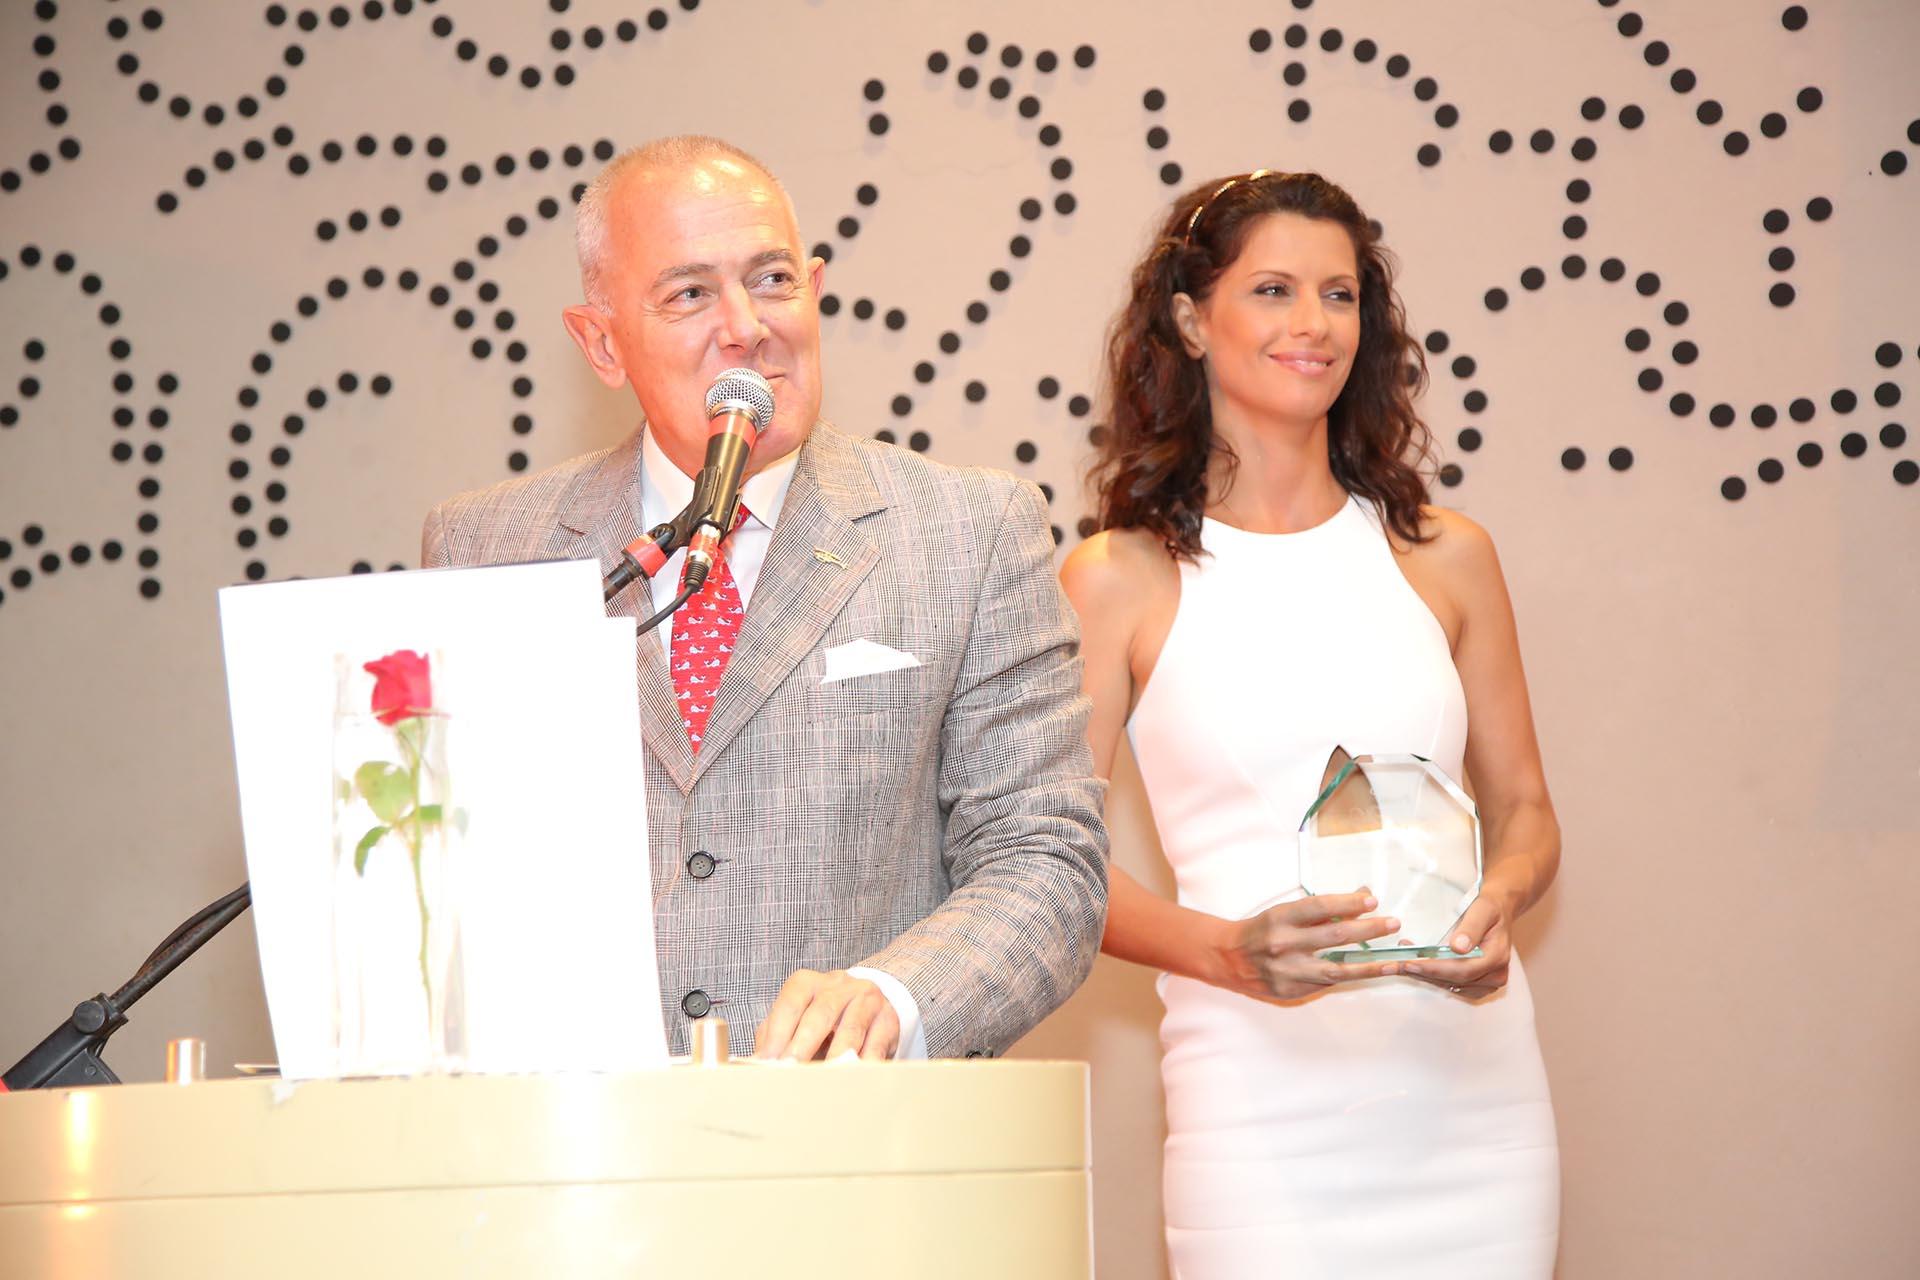 El evento contó con la conducción de Martín Wullich y se llevó a cabo en el Recoleta Grand Hotel Buenos Aires